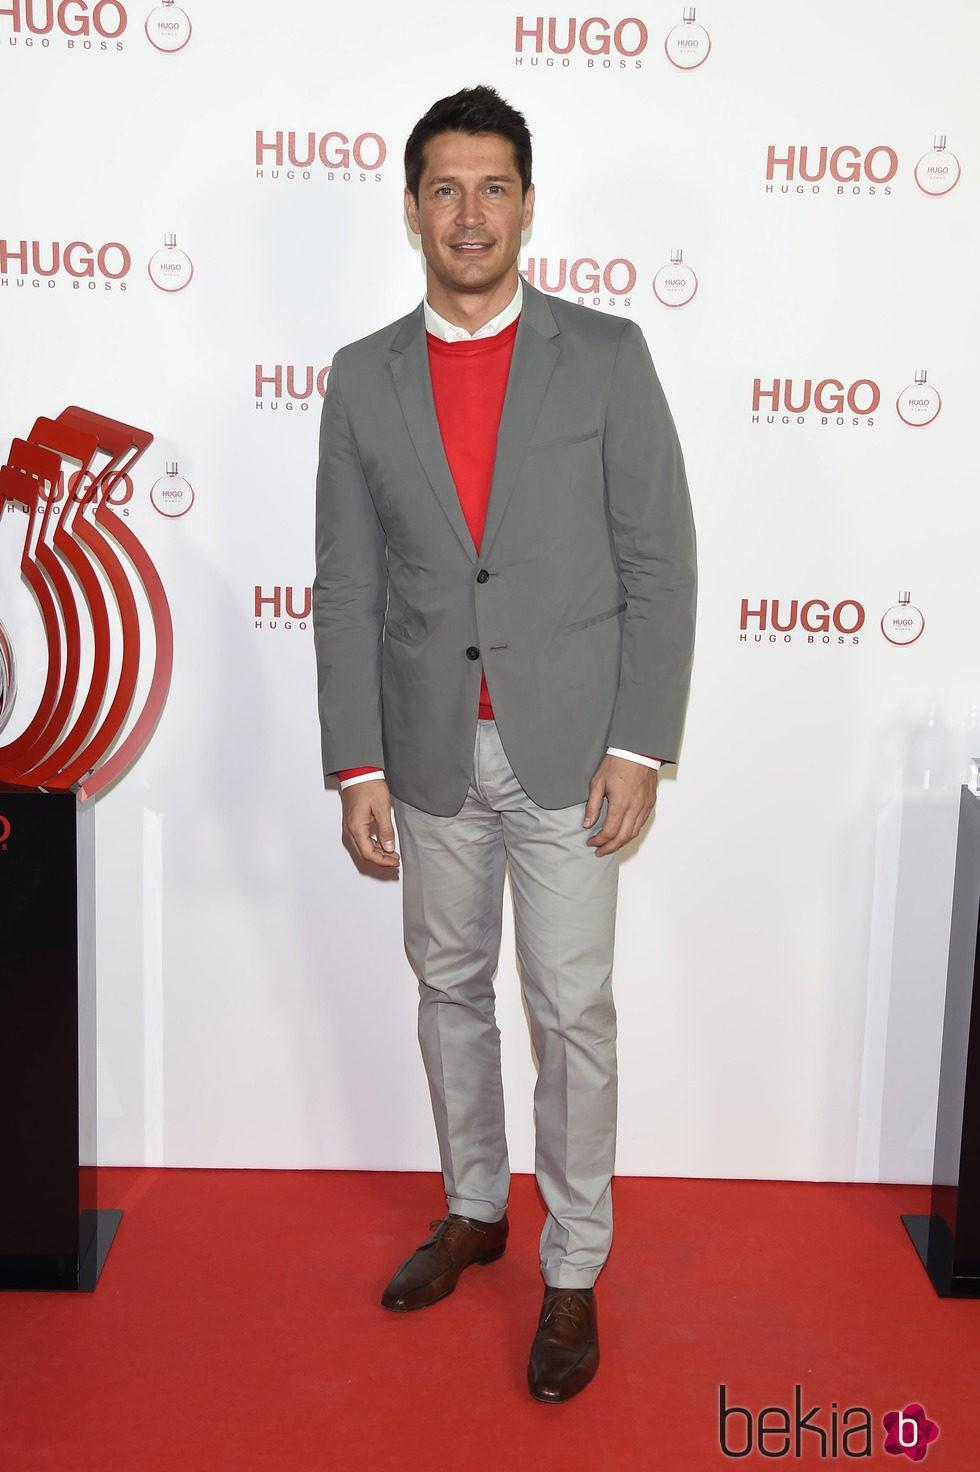 Jaime Cantizano en la presentación del perfume 'Hugo Woman'